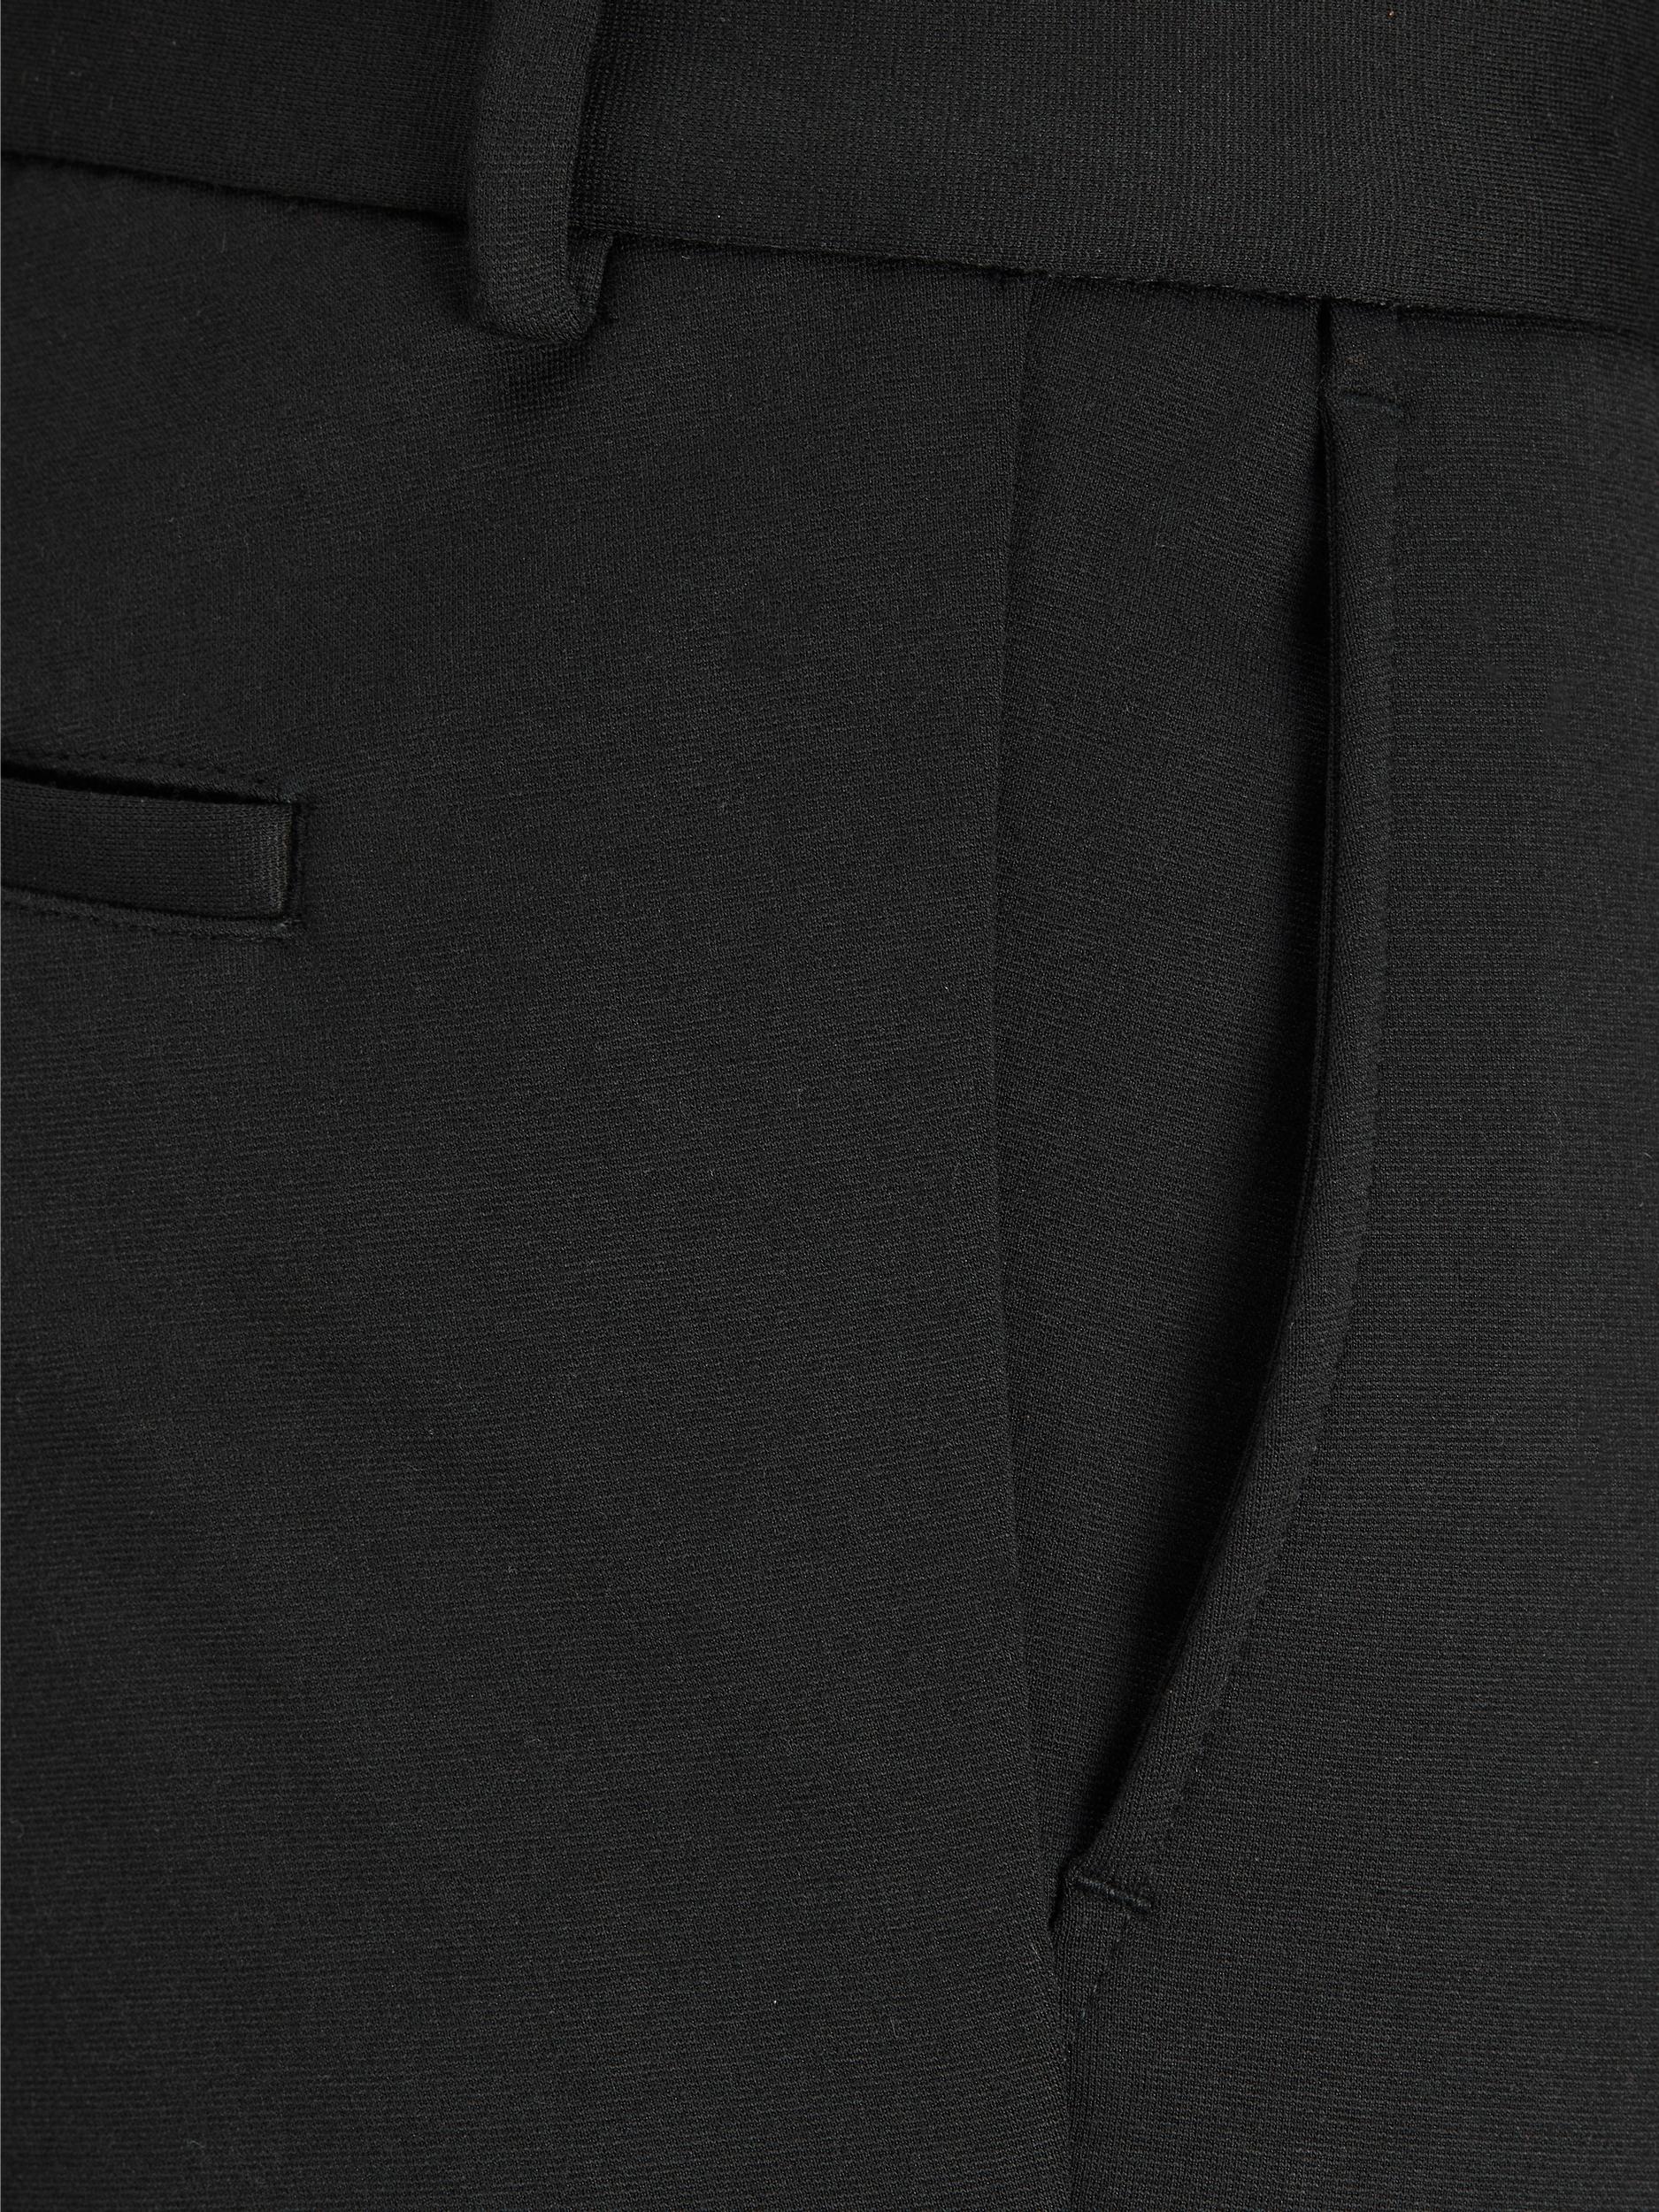 Jack & Jones Marco Phil bukser, black, 30/32